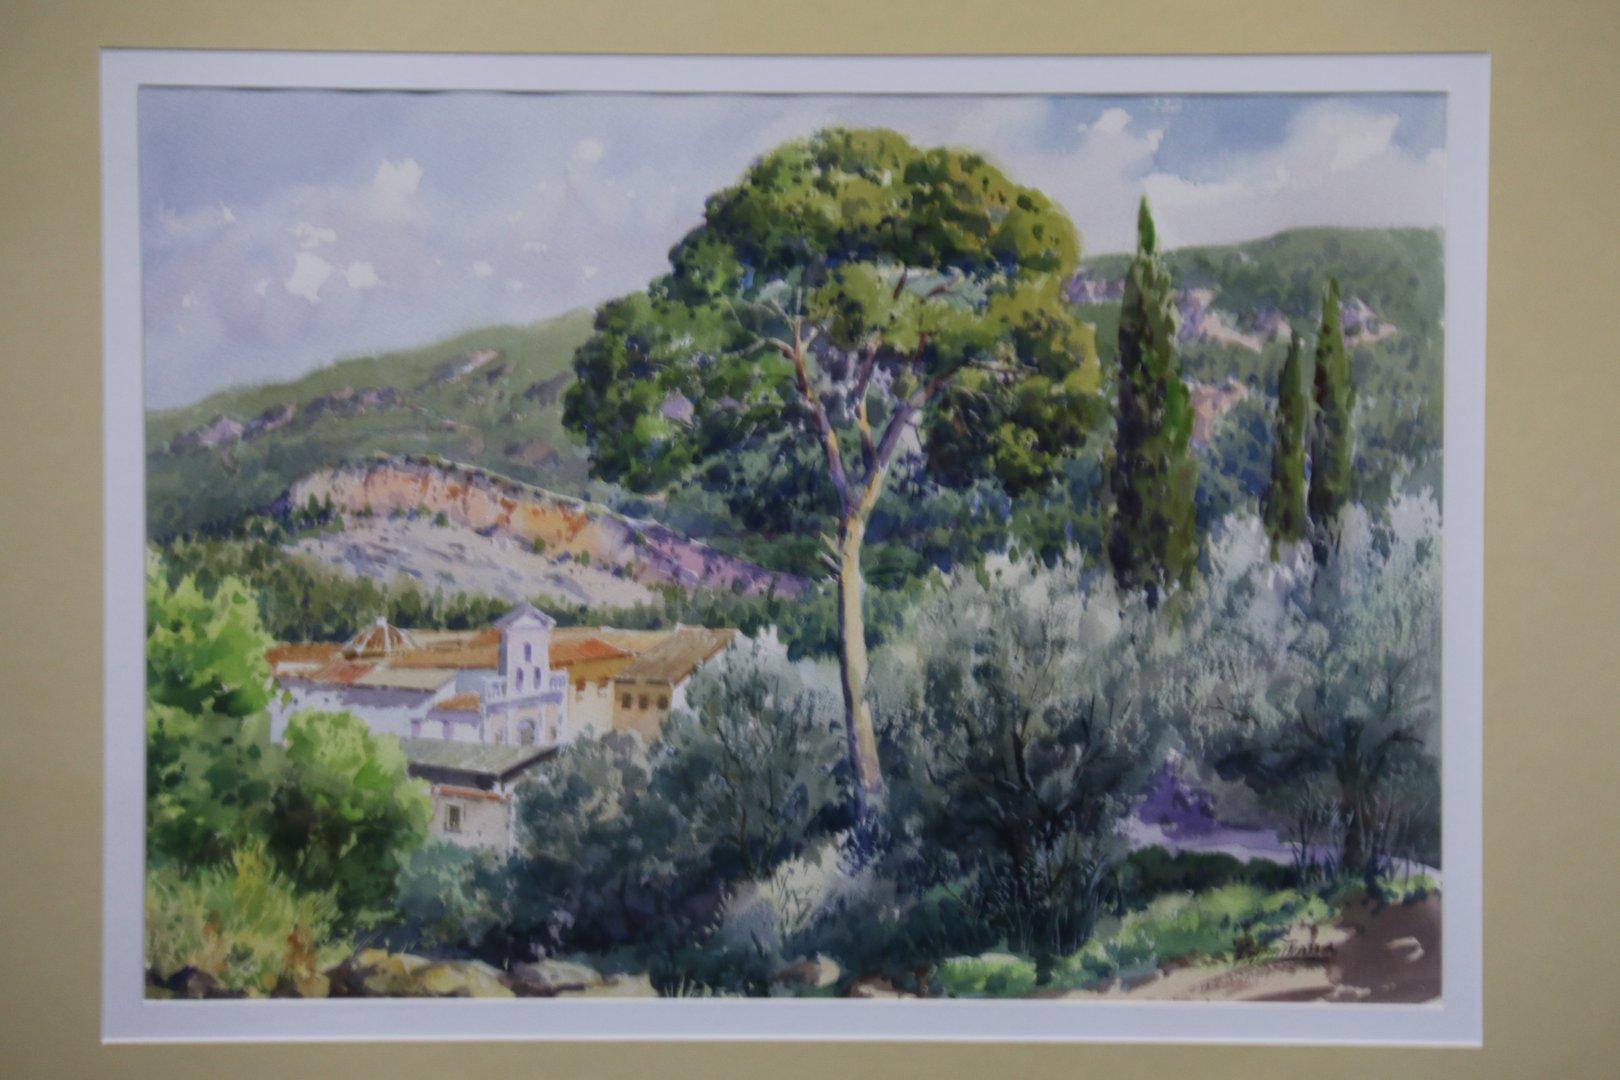 Exposición de Pintura de Vicente Armiñana en El Centro Cultural El Jardín de Molina de Segura